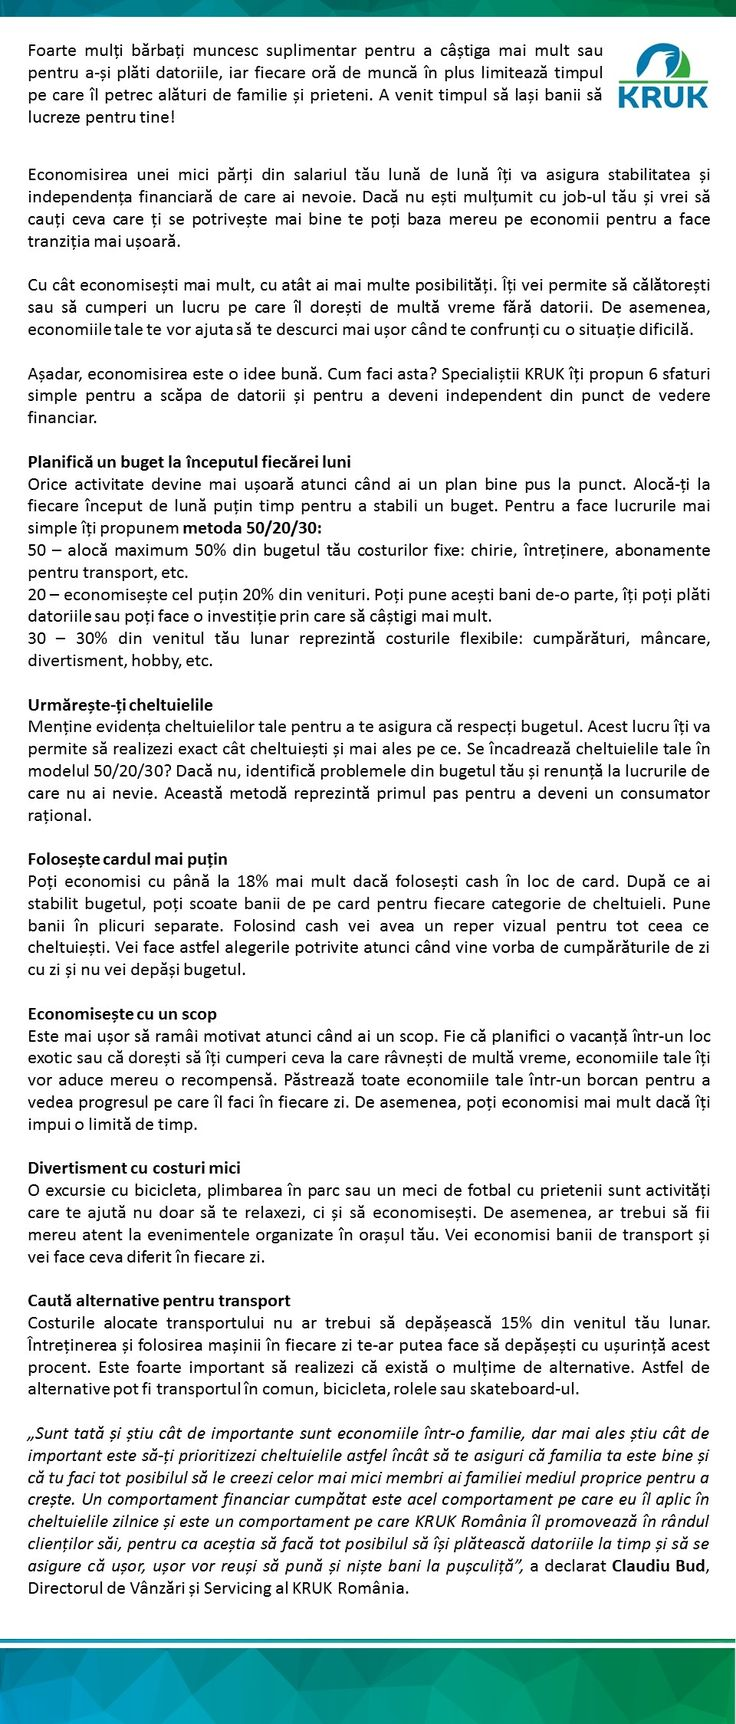 Mai multe detalii aici: http://ro.kruk.eu/download/gfx/kruk/ro/defaultmultilistaplikow/47/55/1/sfaturi_financiare_pentru_barbati_kruk_romania.docx